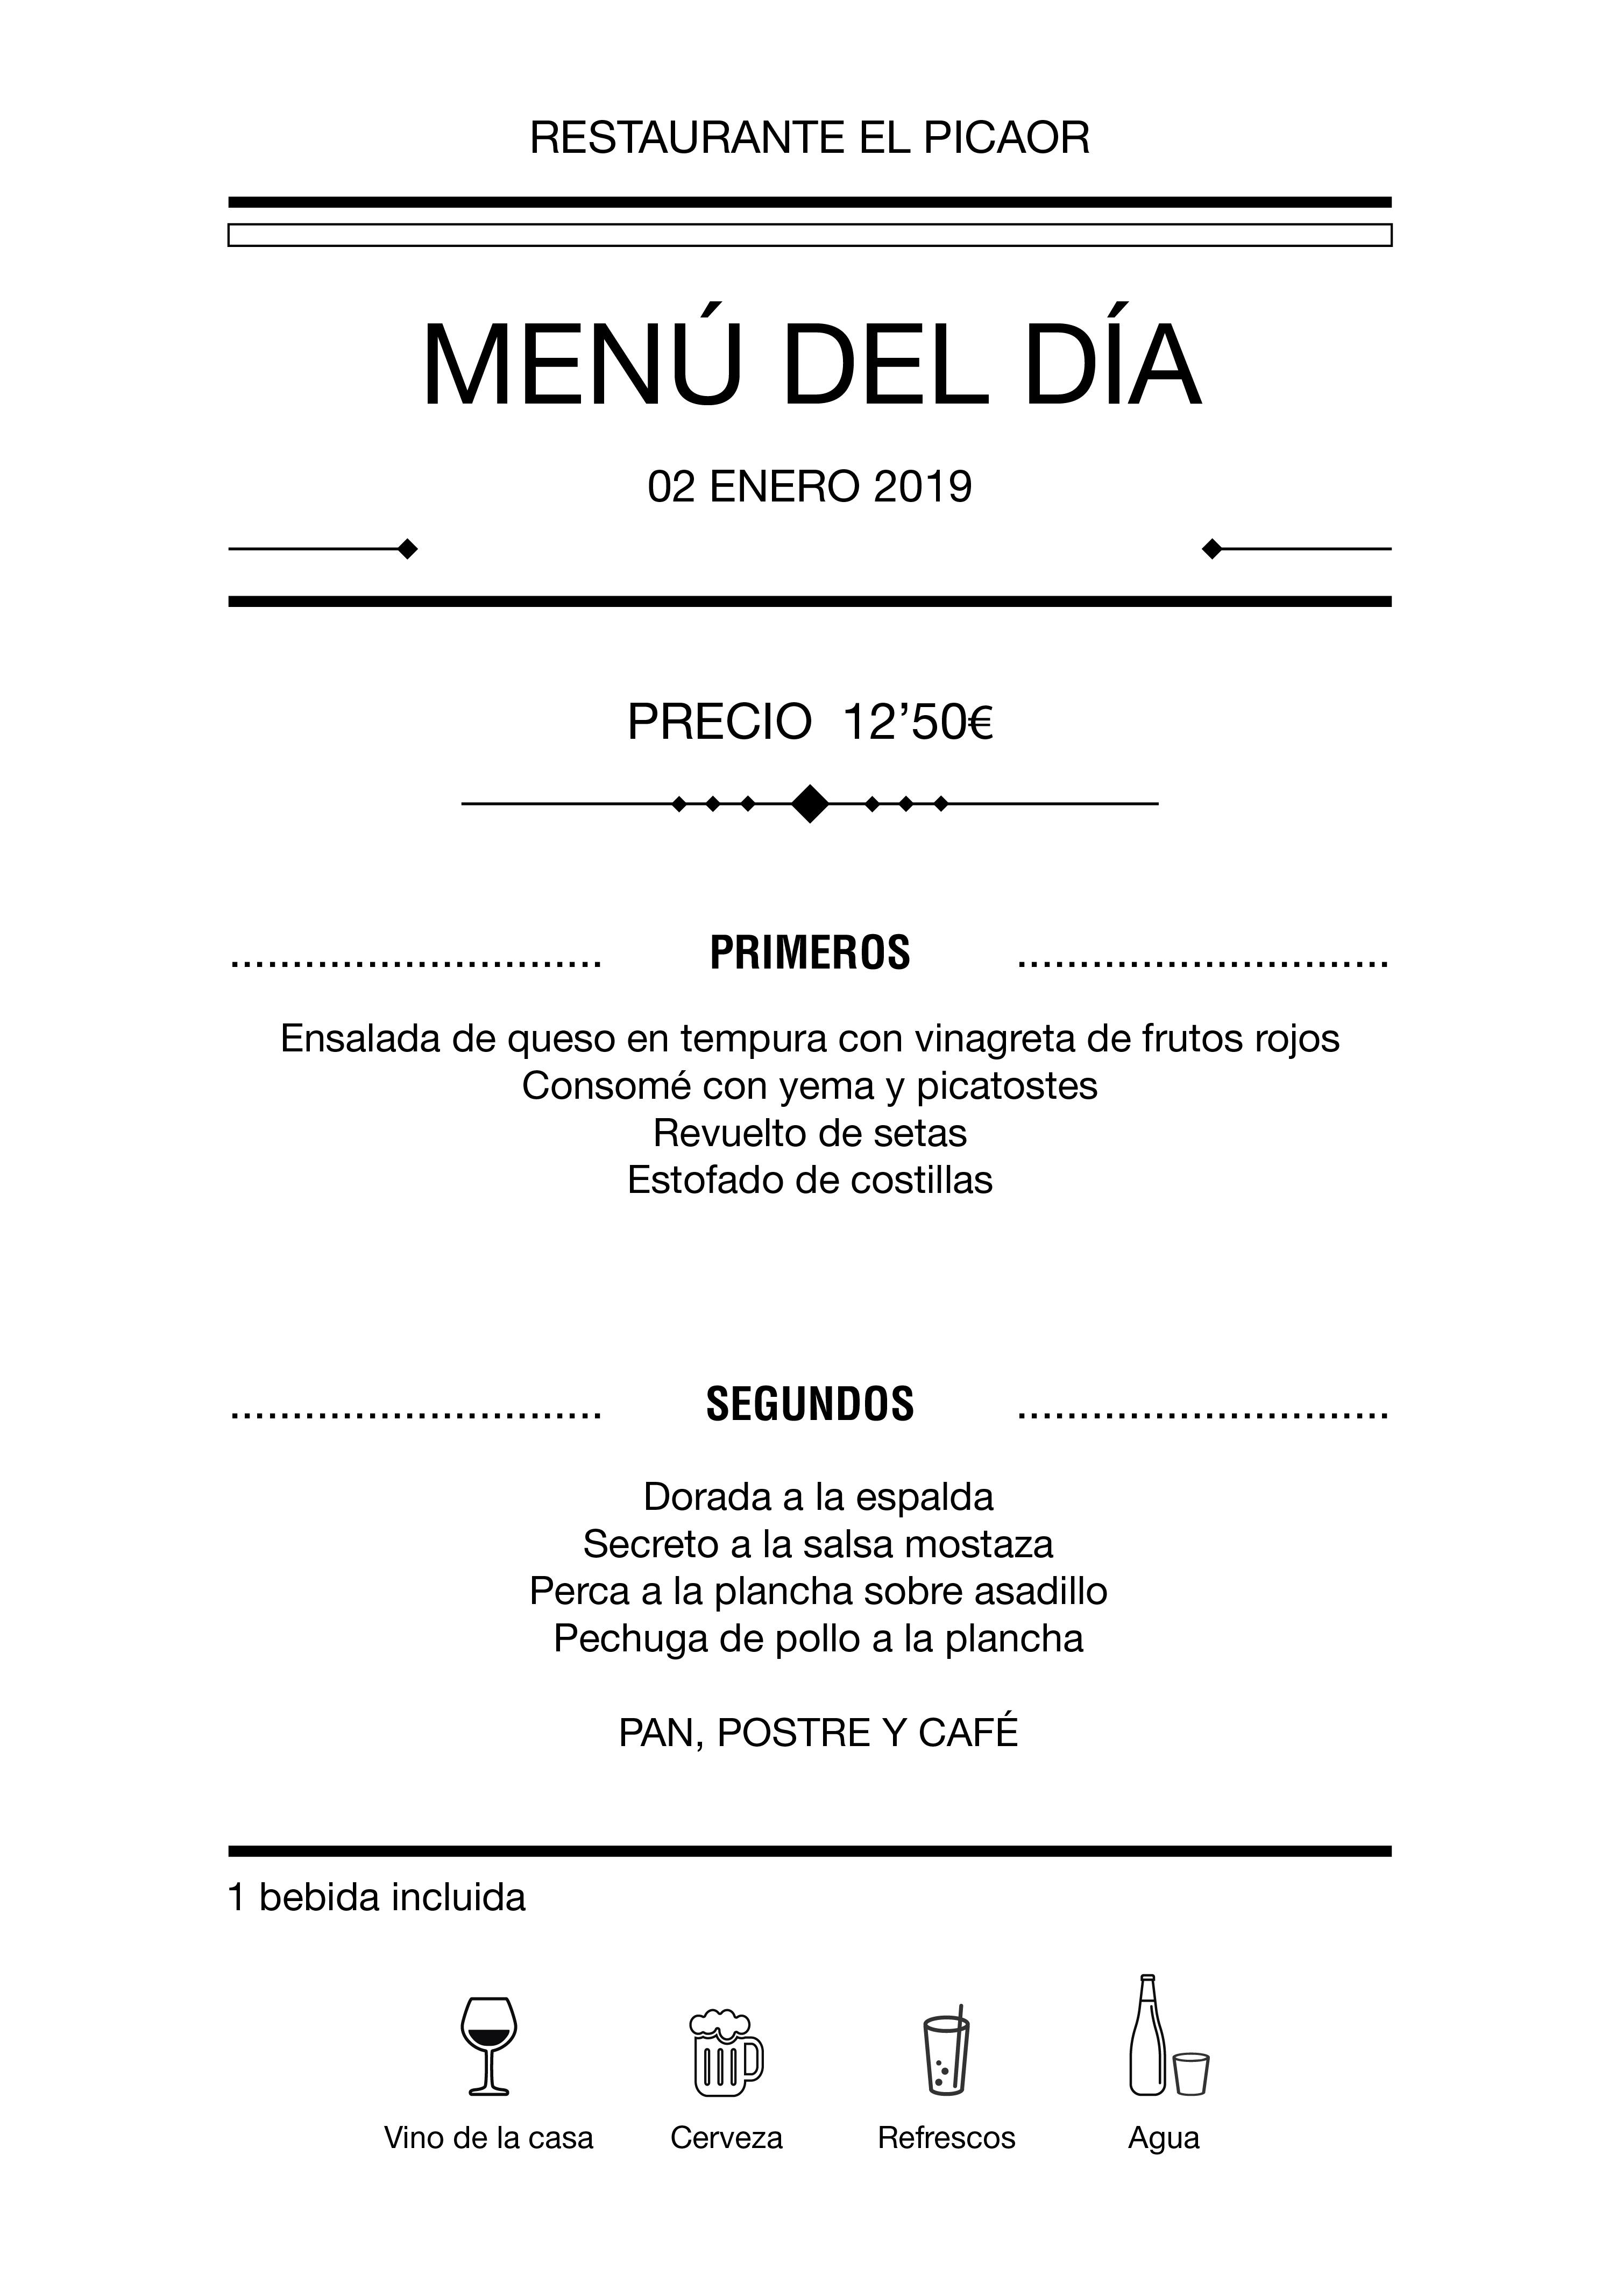 Menú diario El Picaor 02/01/19